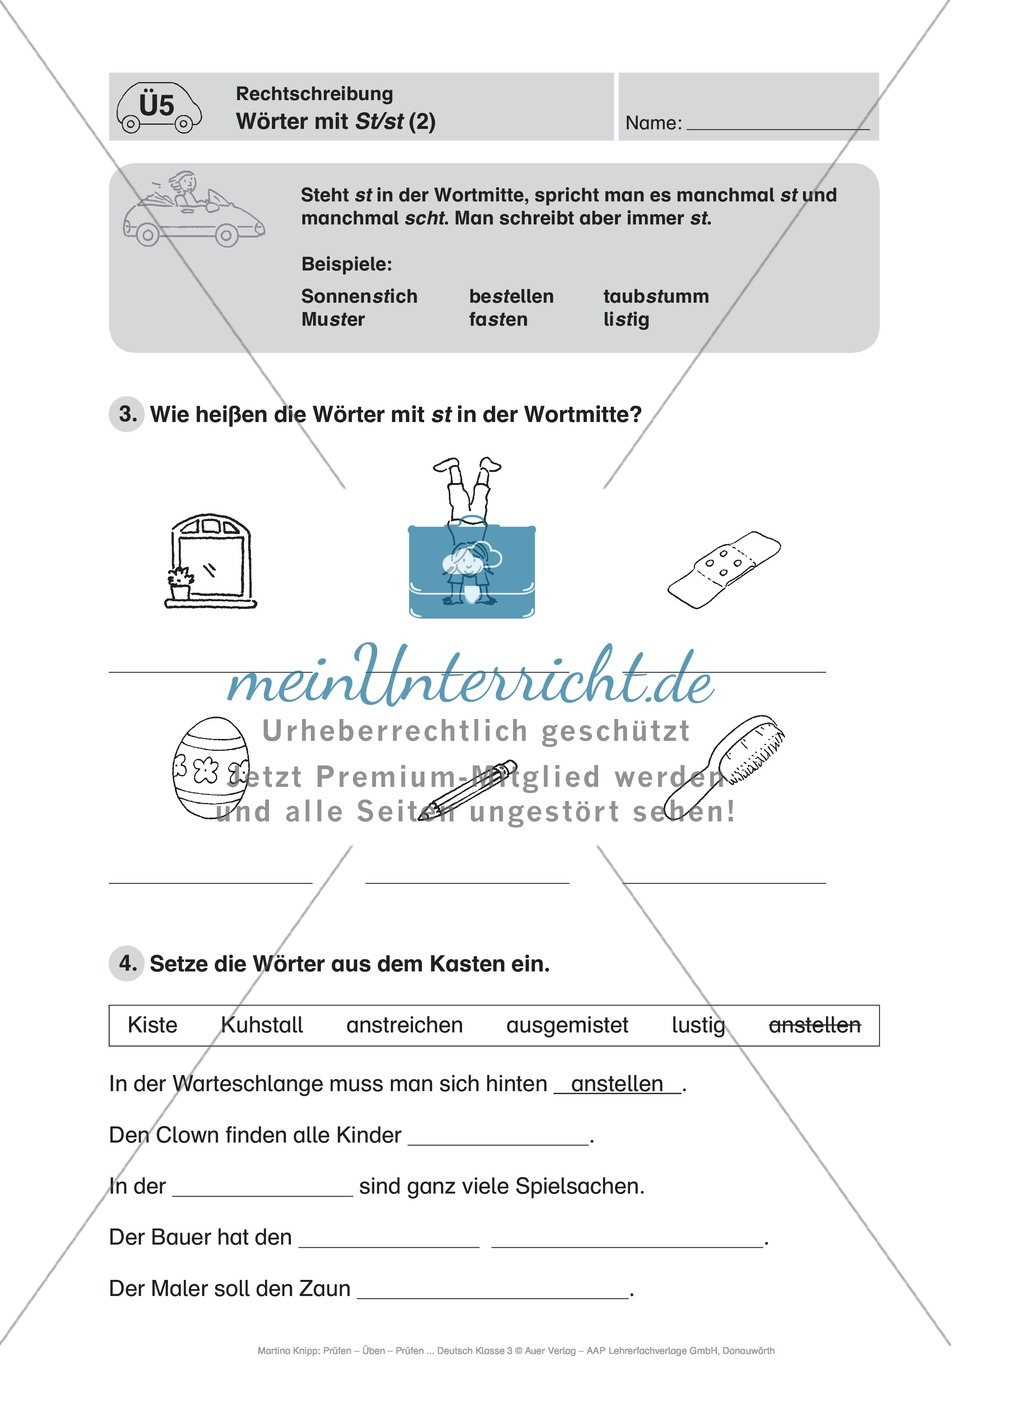 Rechtschreibung, Wörter mit St/st: Führerschein-Übungsaufgaben und Lösung Preview 1